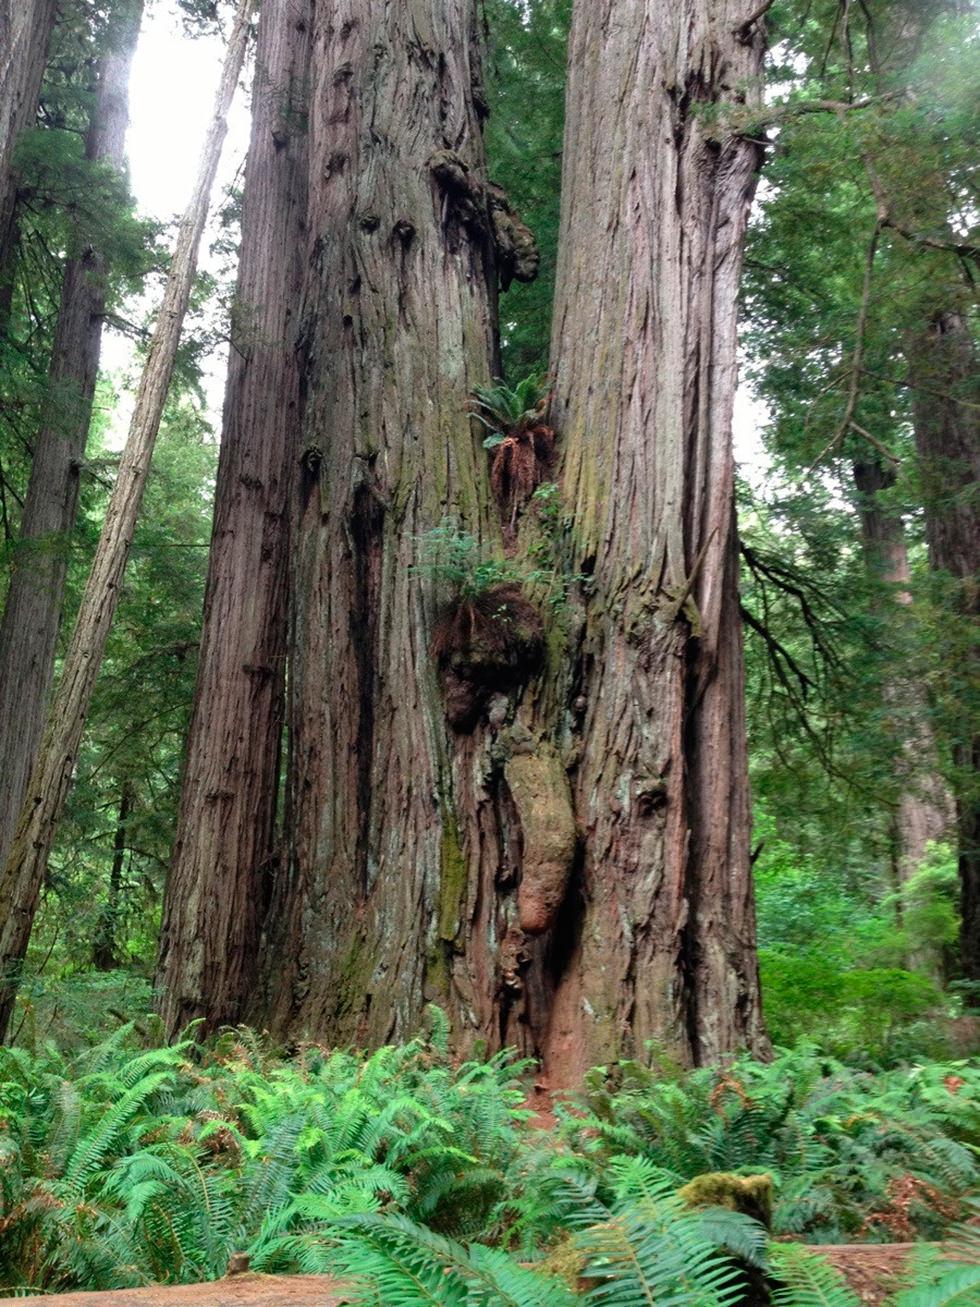 Un gigantesco y majestuoso árbol